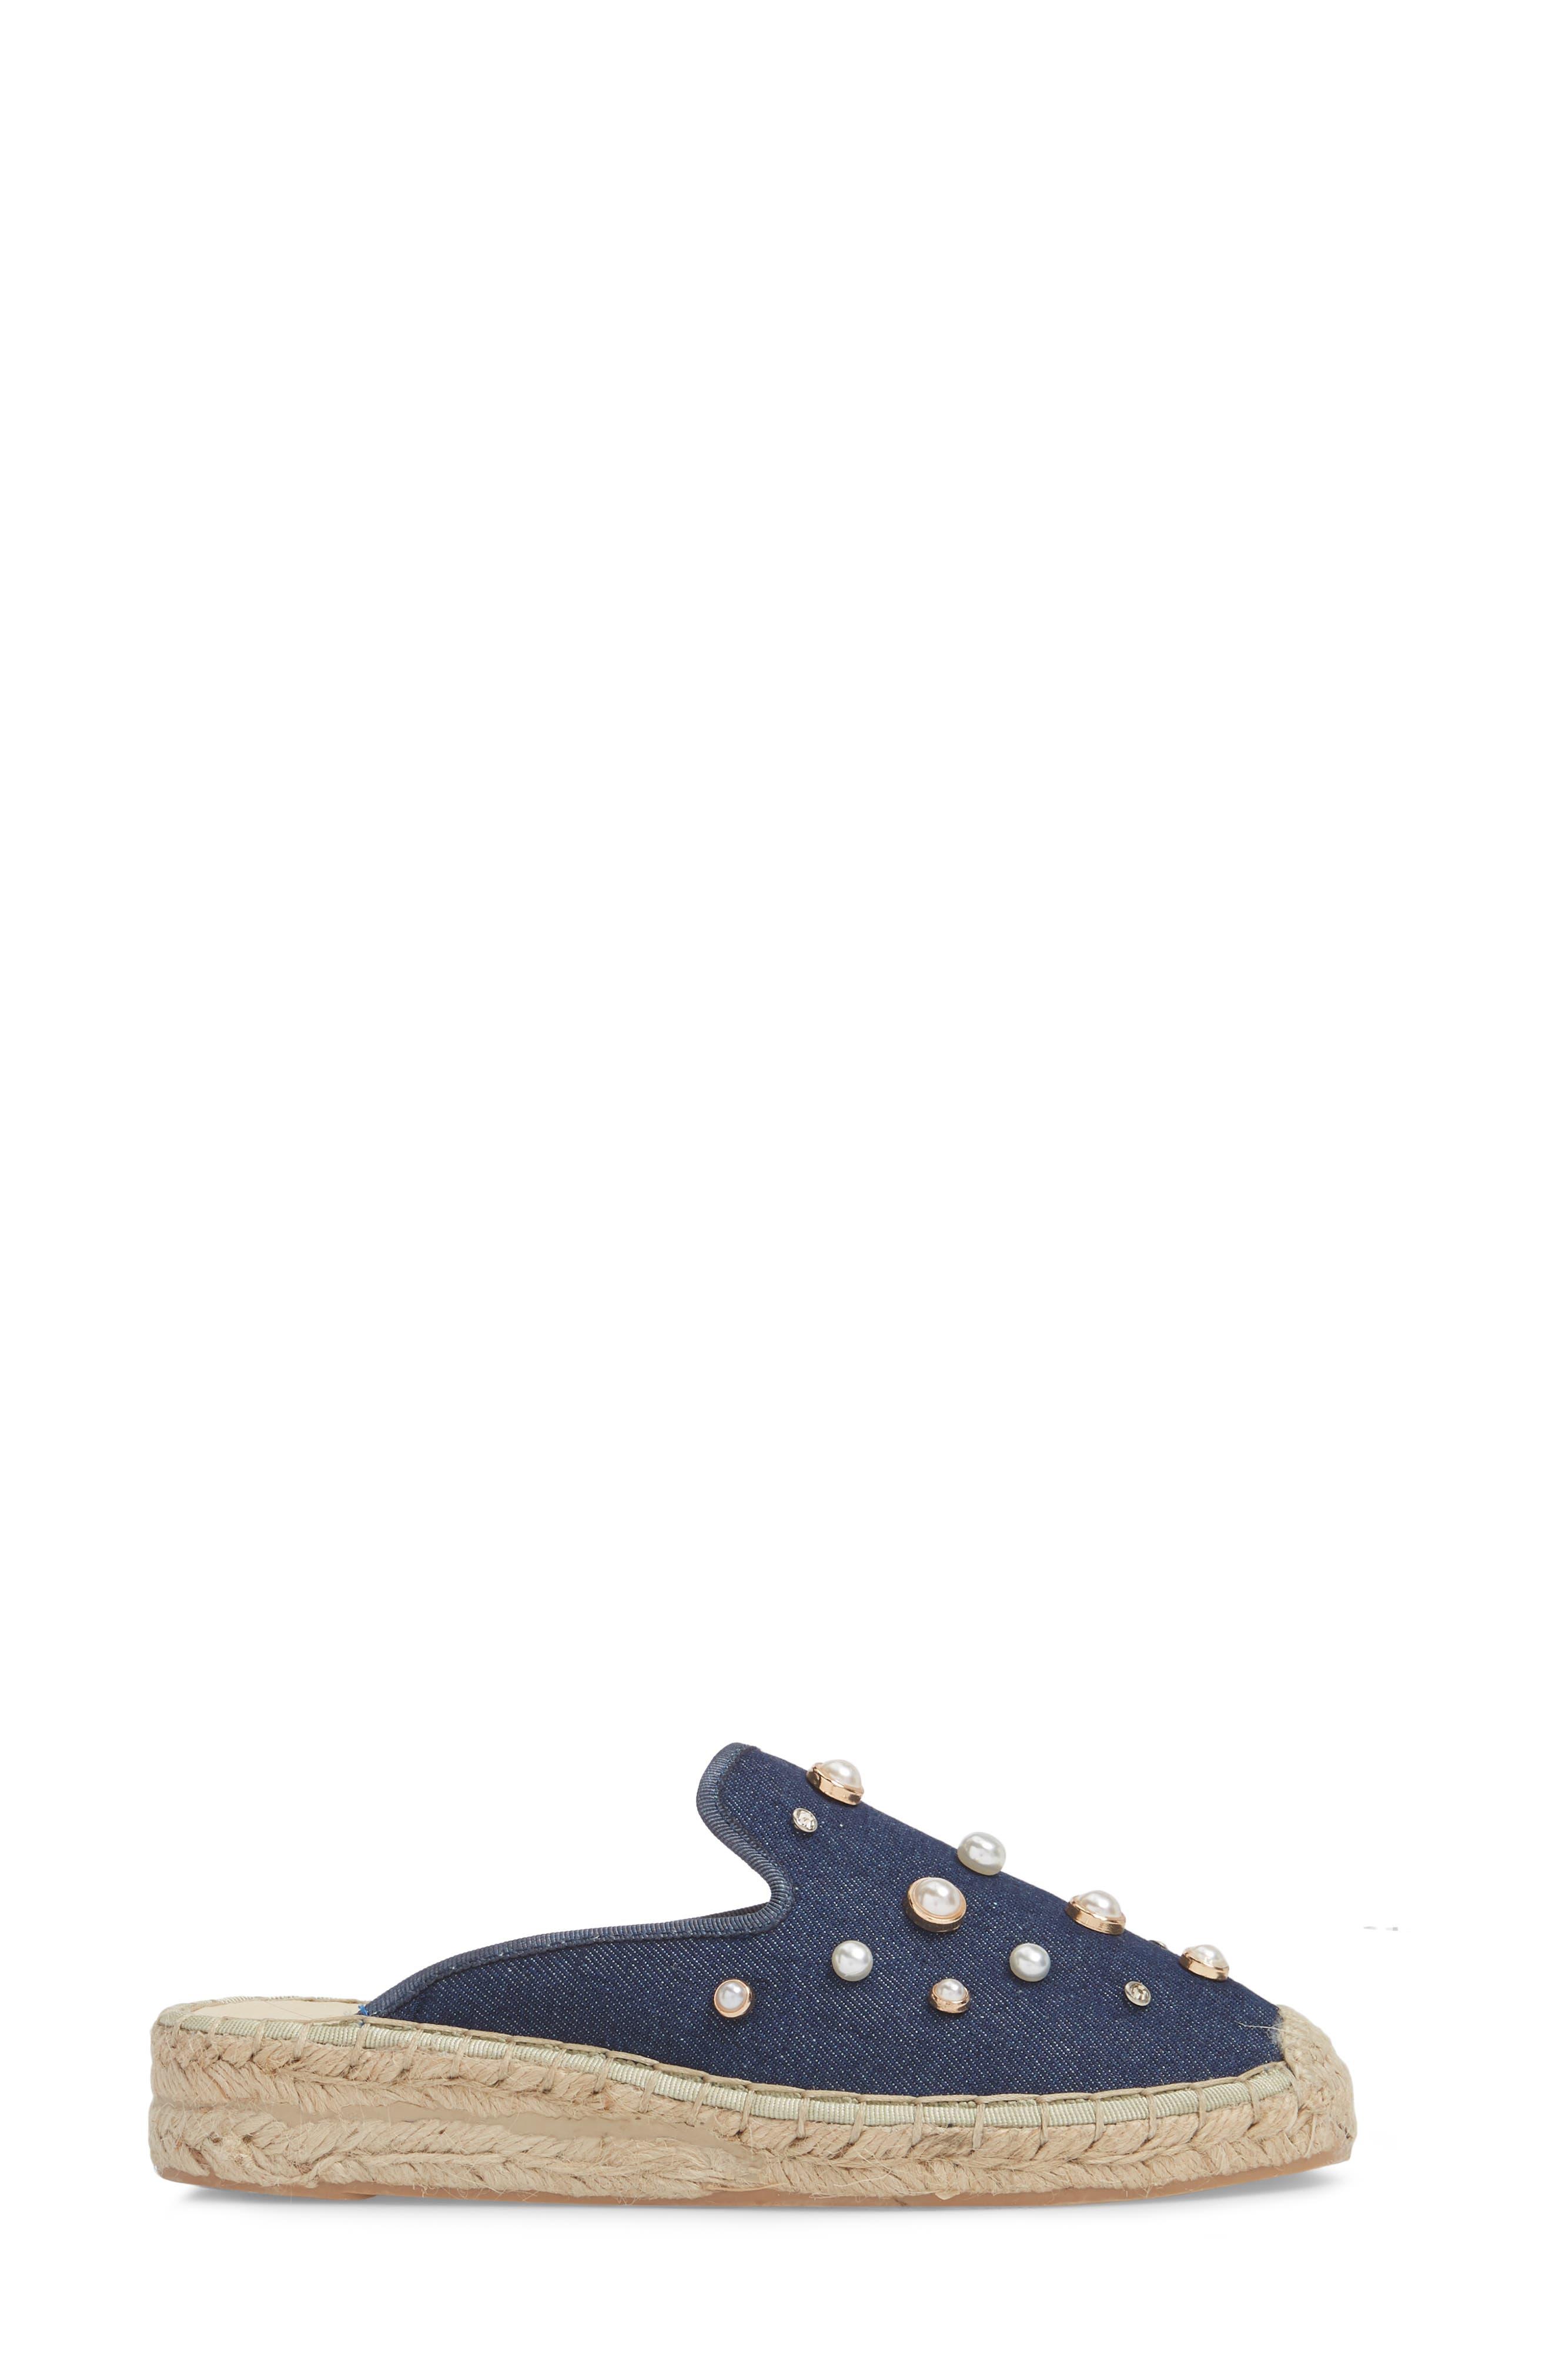 Embellished Espadrille Loafer Mule,                             Alternate thumbnail 3, color,                             NAVY DENIM FABRIC